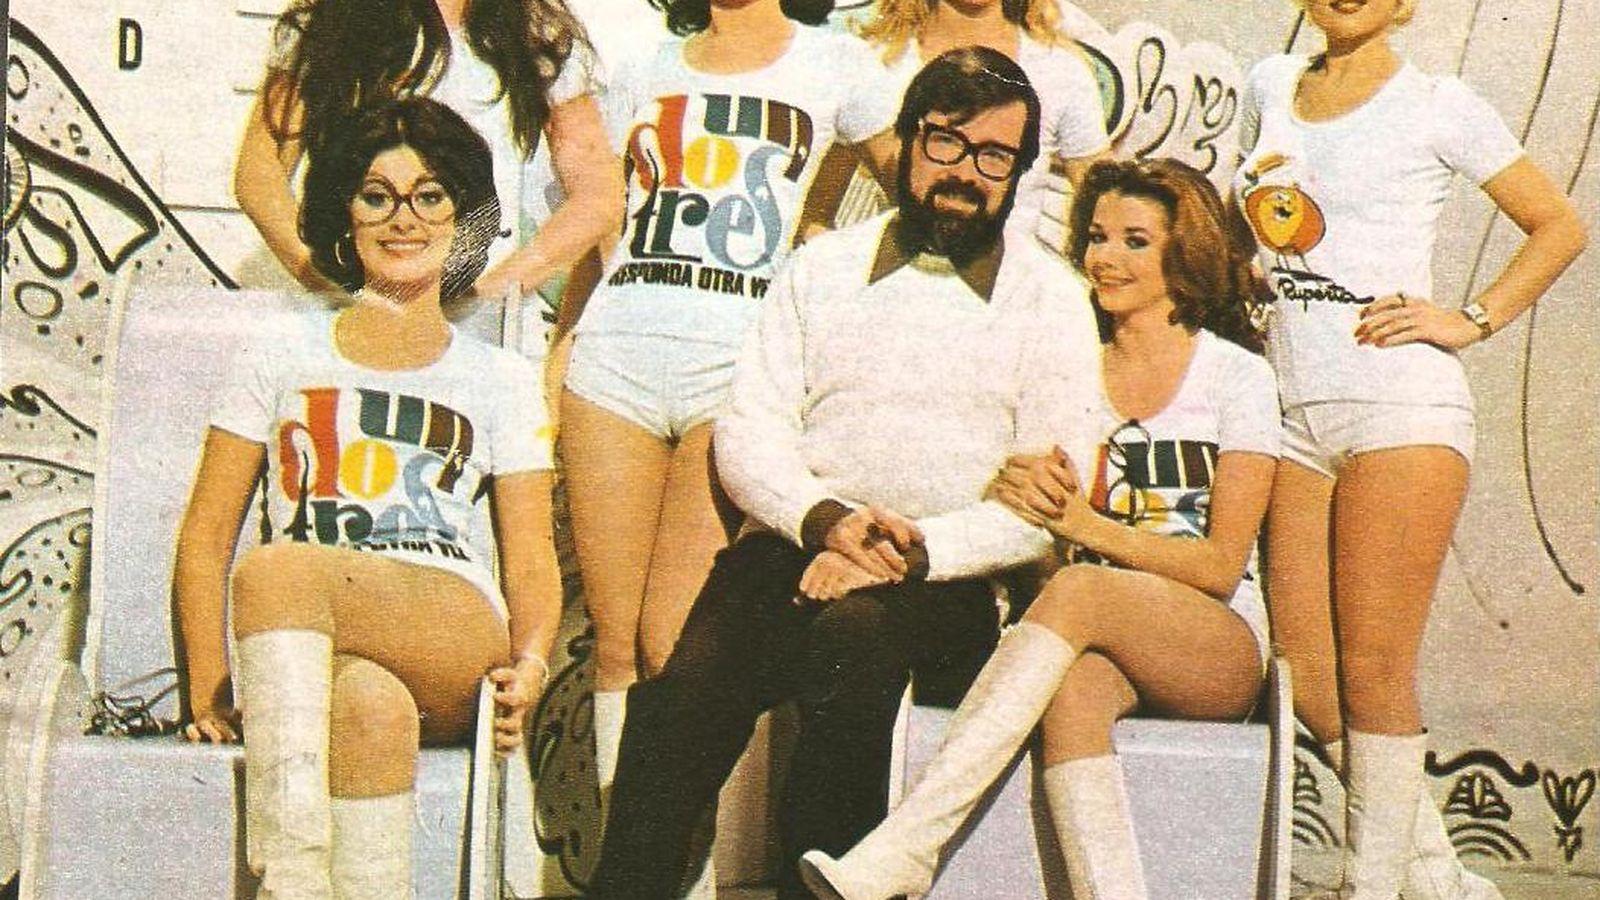 Foto: El creador del 'Un, dos, tres..', Narciso Ibañez Serrador, posa junto a las azafatas del programa.